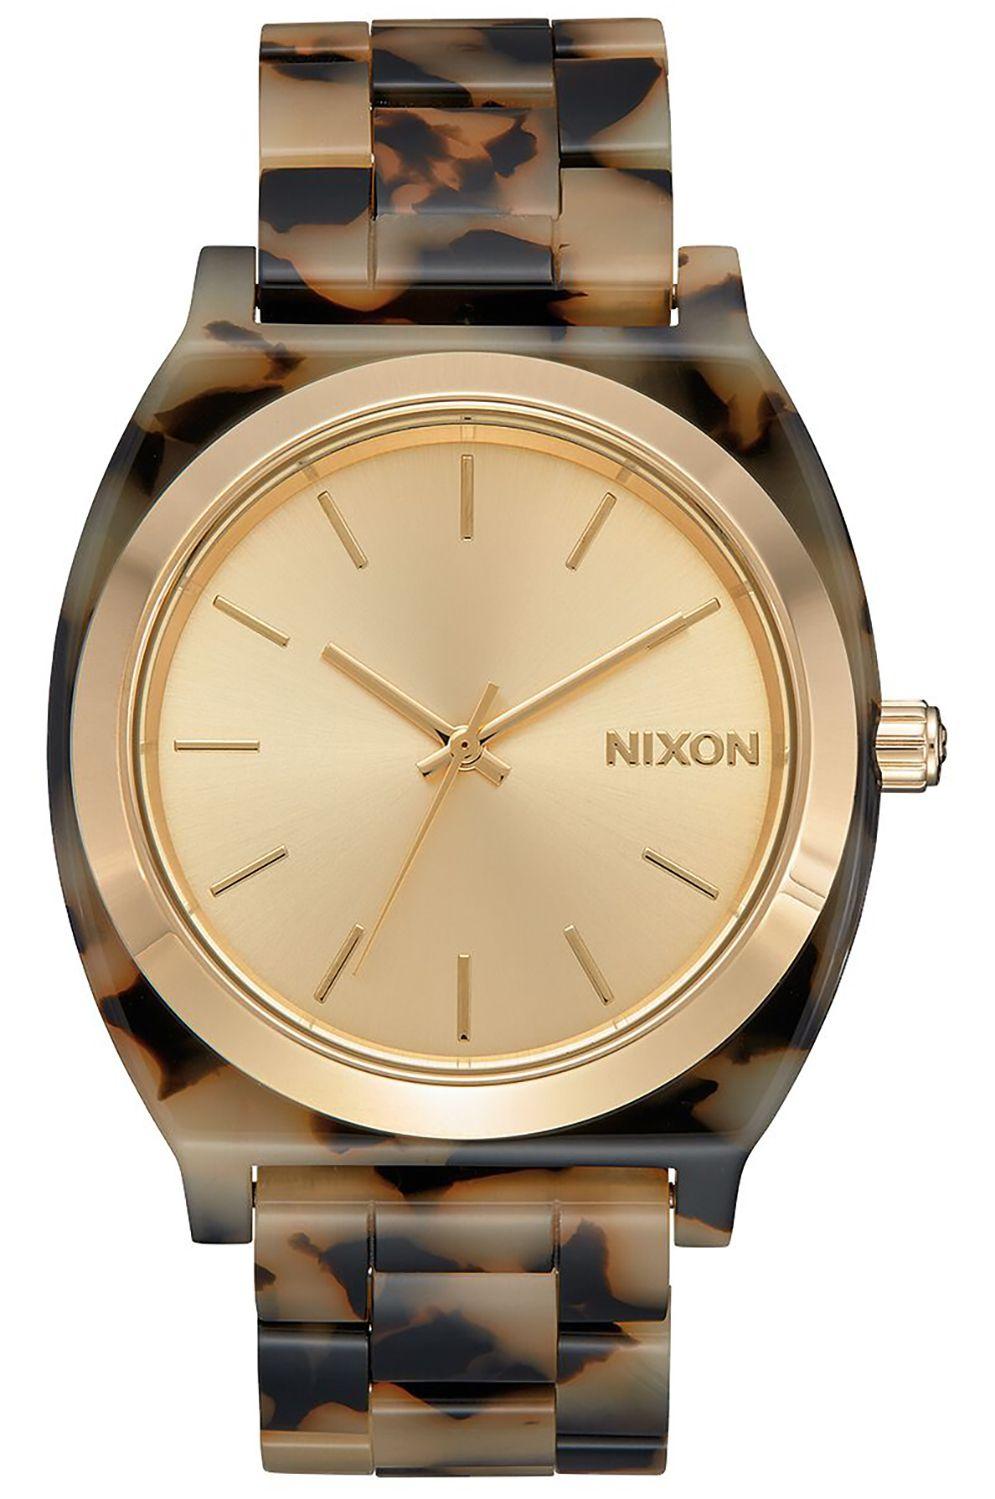 Relogio Nixon TIME TELLER ACETATE Cream Tortoise